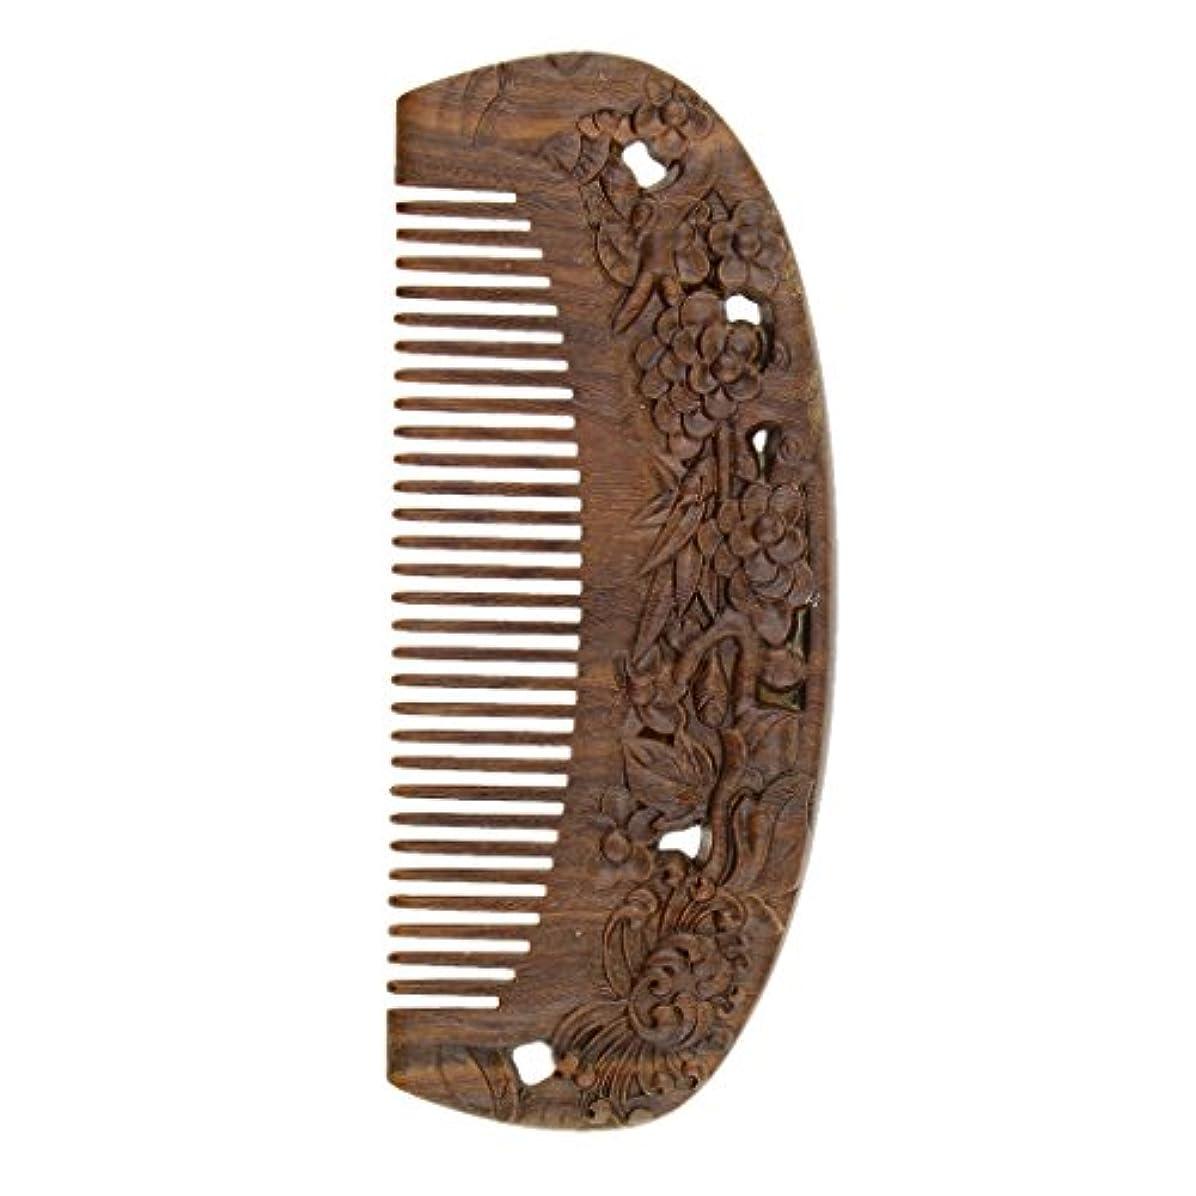 男らしい放散する拡大するPerfeclan ウッドコーム 天然木製 高品質 木製櫛 ワイド歯 ヘアブラシ ヘアスタイリング ヘアコーム 2タイプ選べる - #2